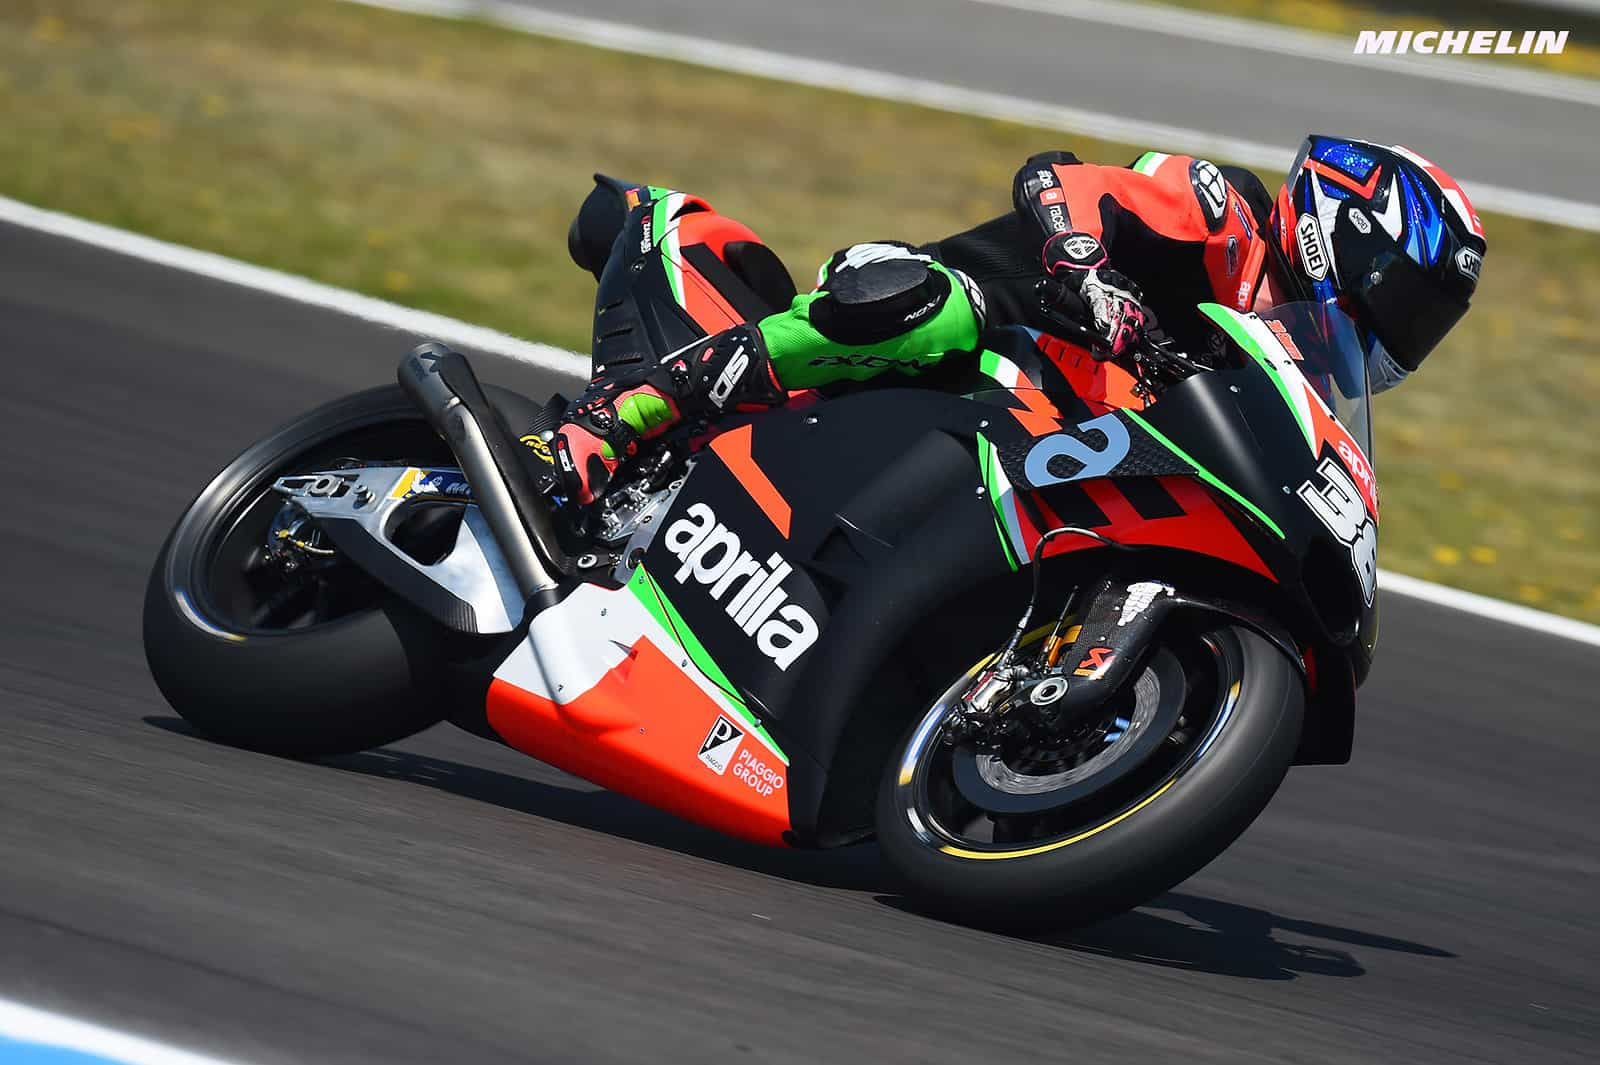 MotoGP スミス「トラック上でしっかりと結果が出る日は近い」